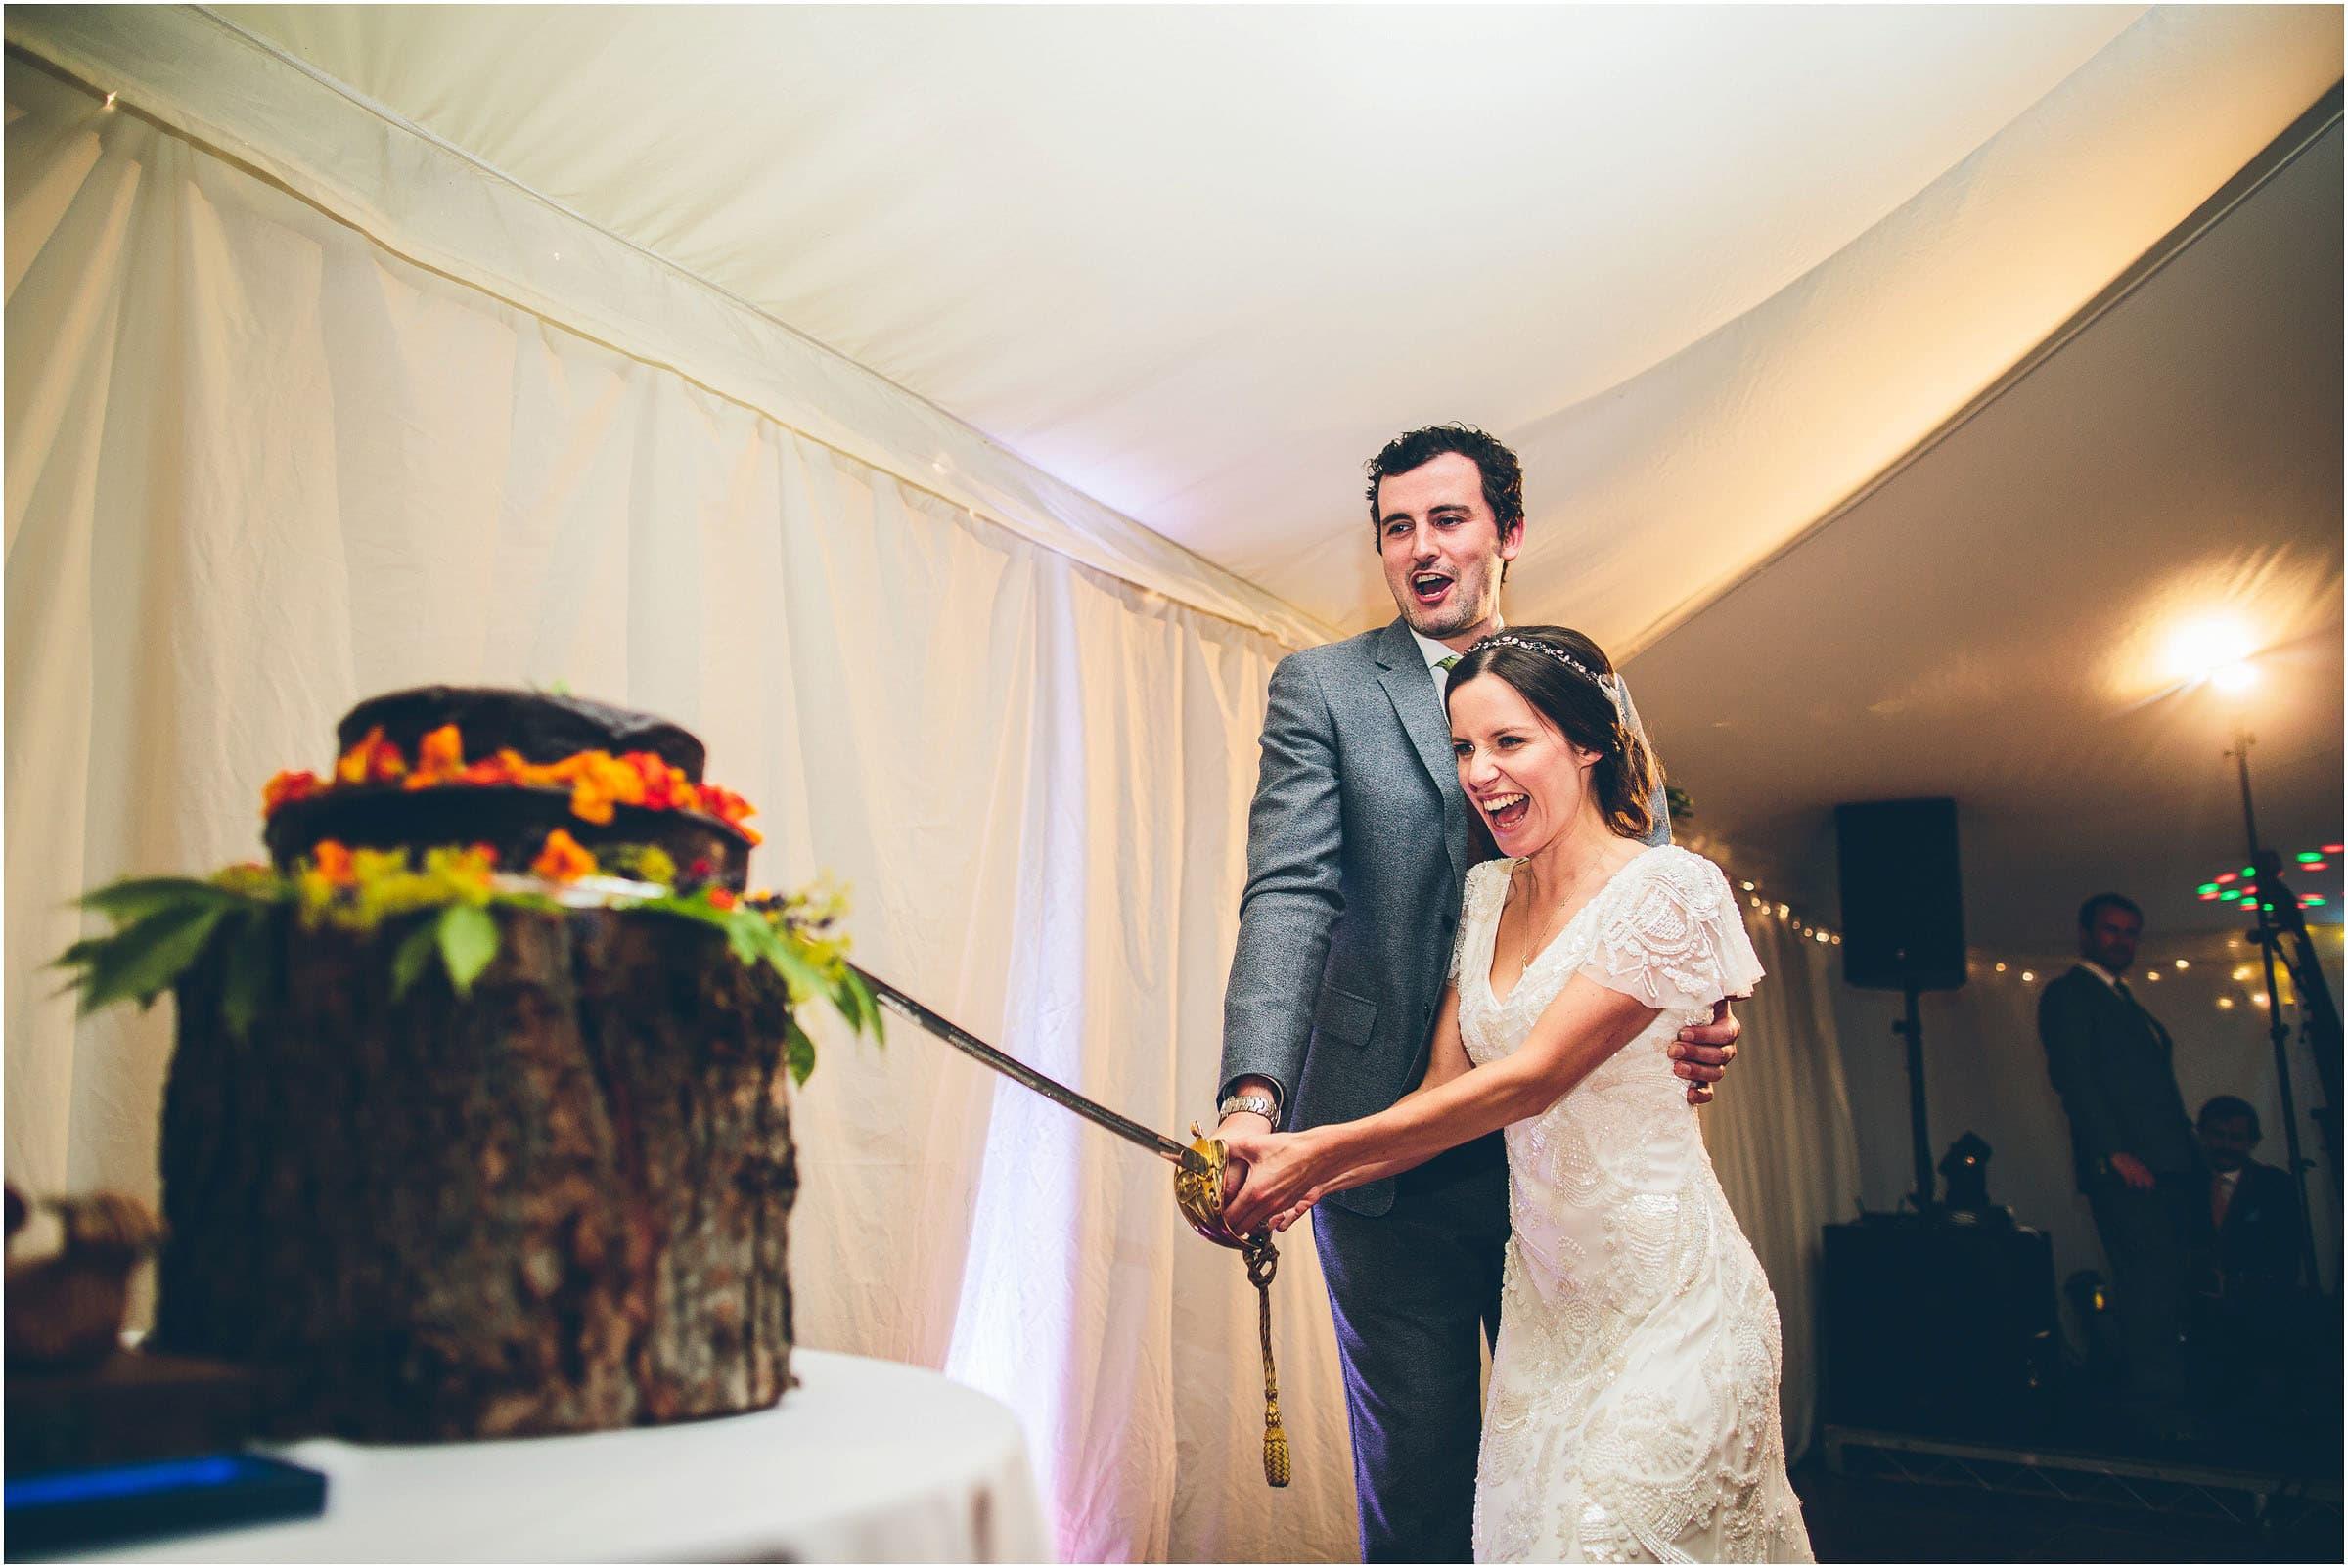 Harthill_Weddings_Wedding_Photography_0127